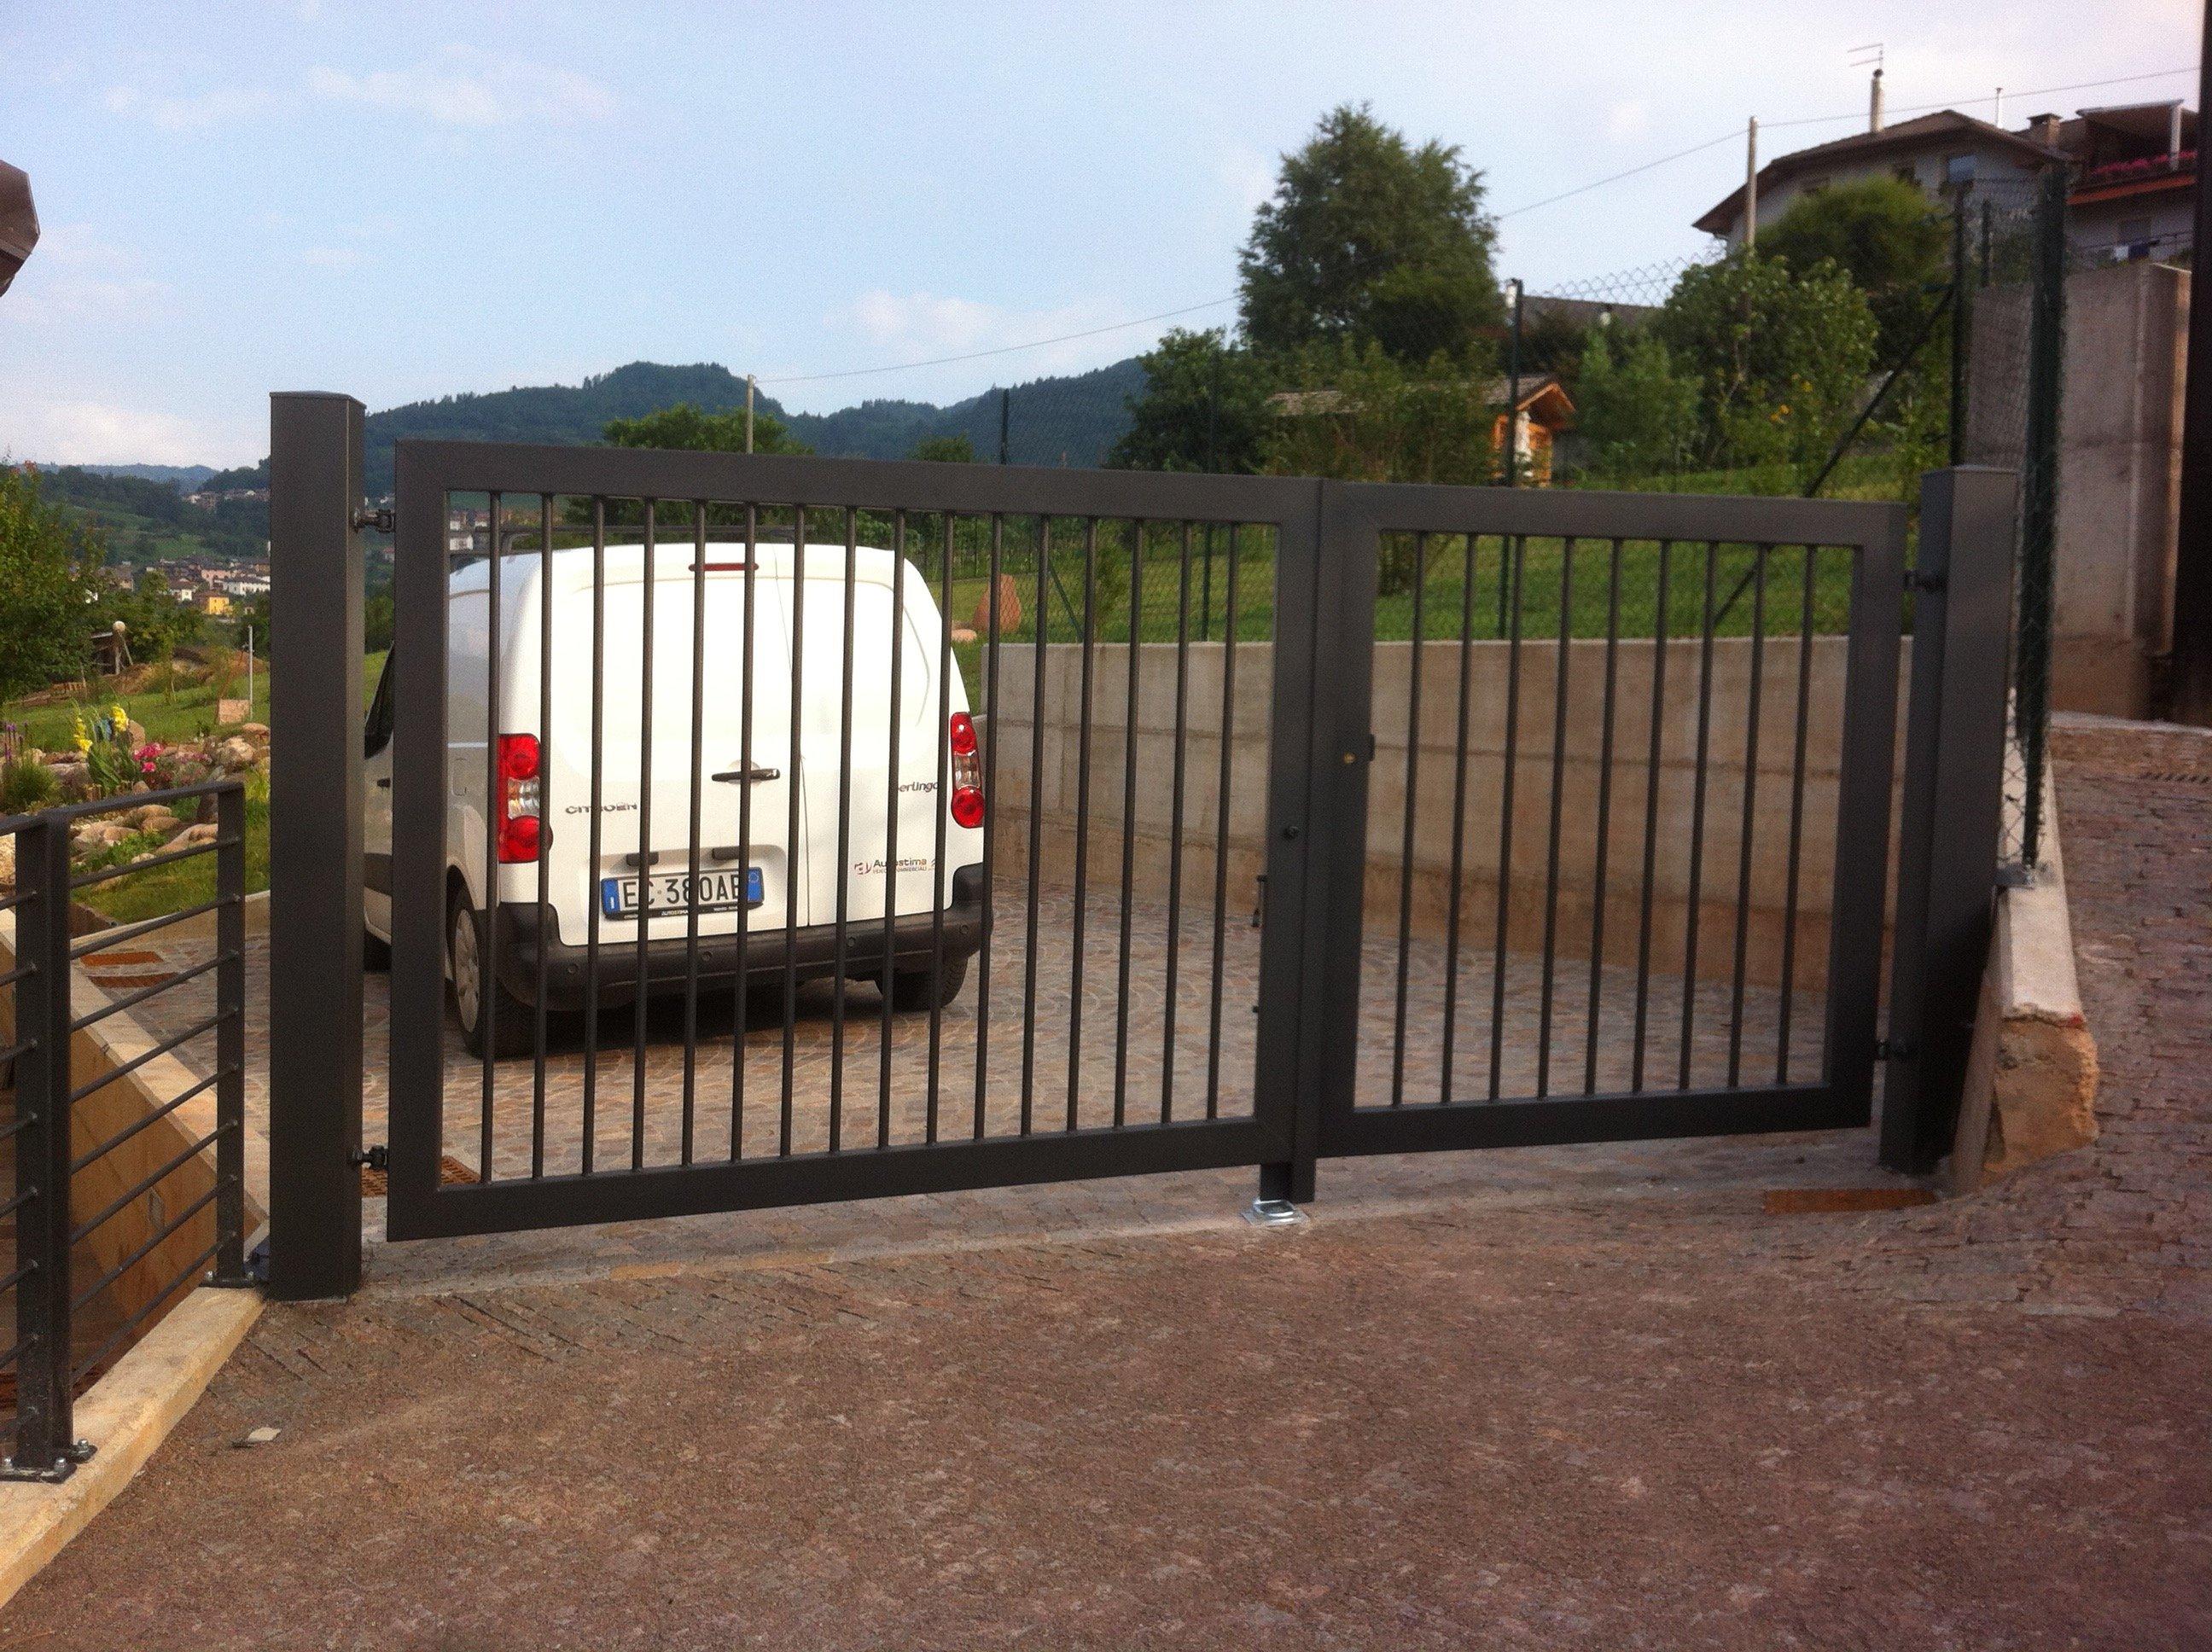 un cancello in ferro e fuori un furgone bianco parcheggiato